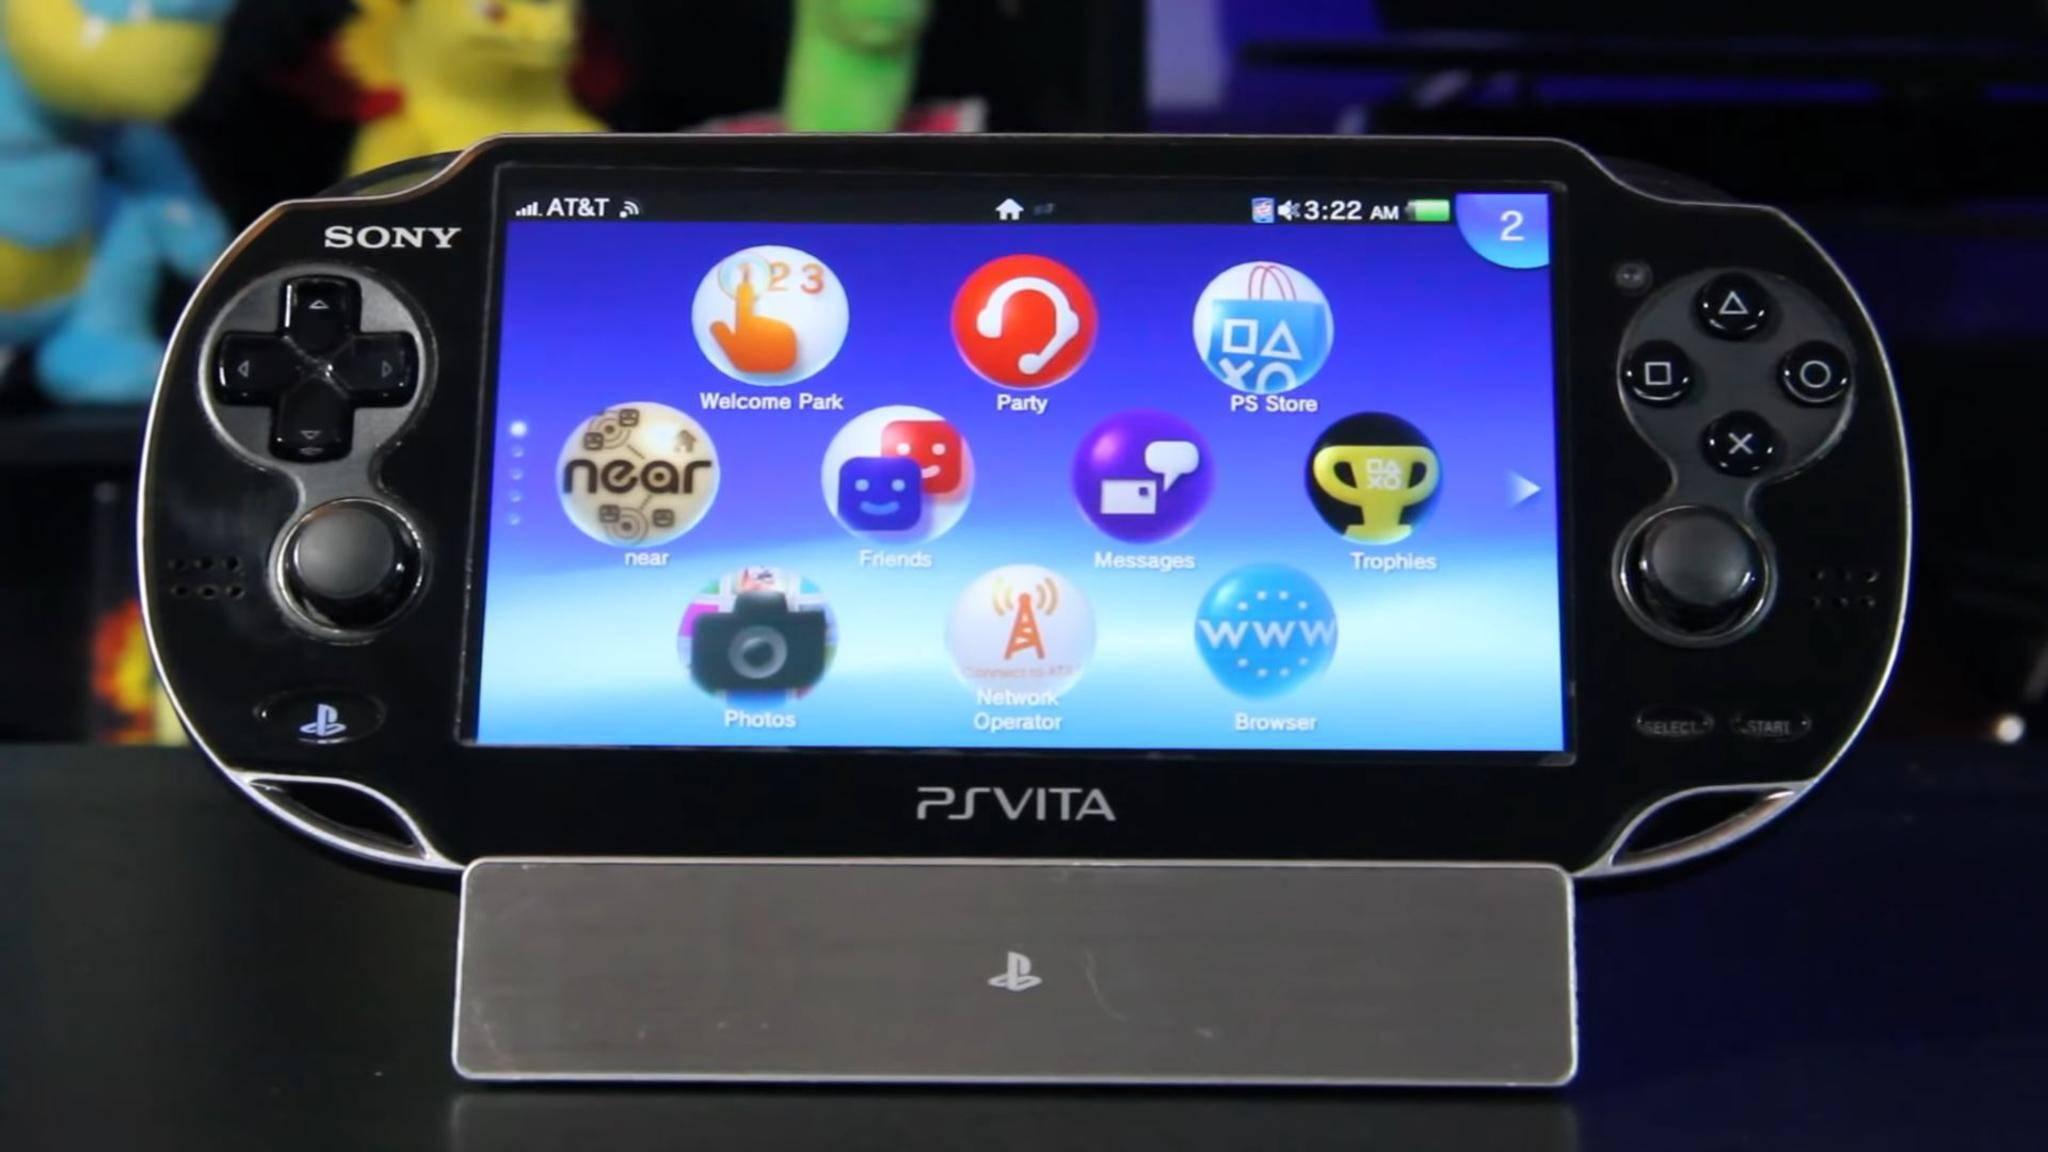 Nach acht Jahren stoppt Sony offiziell die Produktion der PS Vita. Ruhe in Frieden.